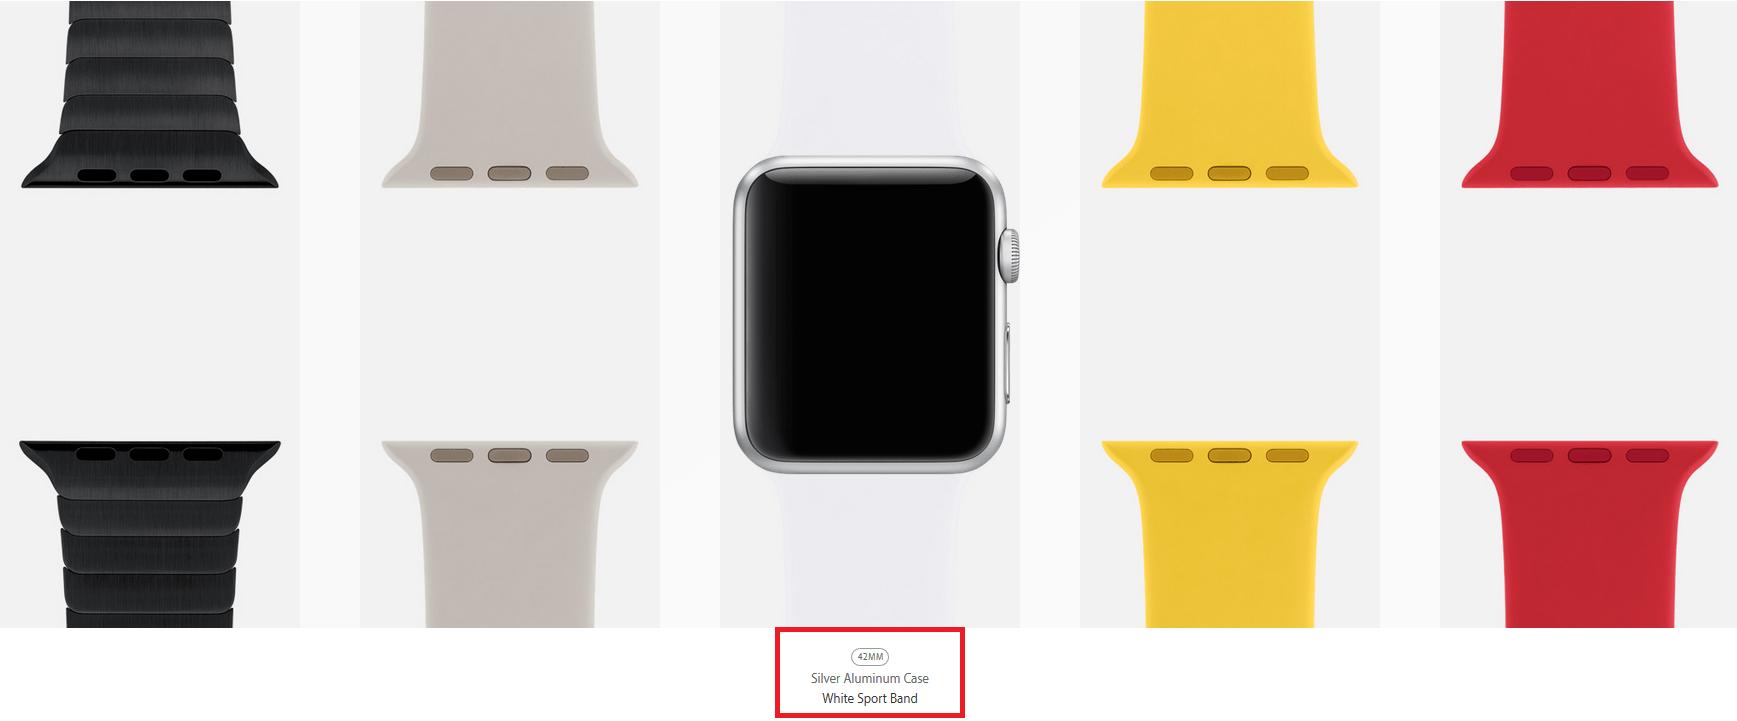 apple-sozdala-interaktivnuyu-galereyu-dlya-modelirovaniya-svoih-apple-watch-